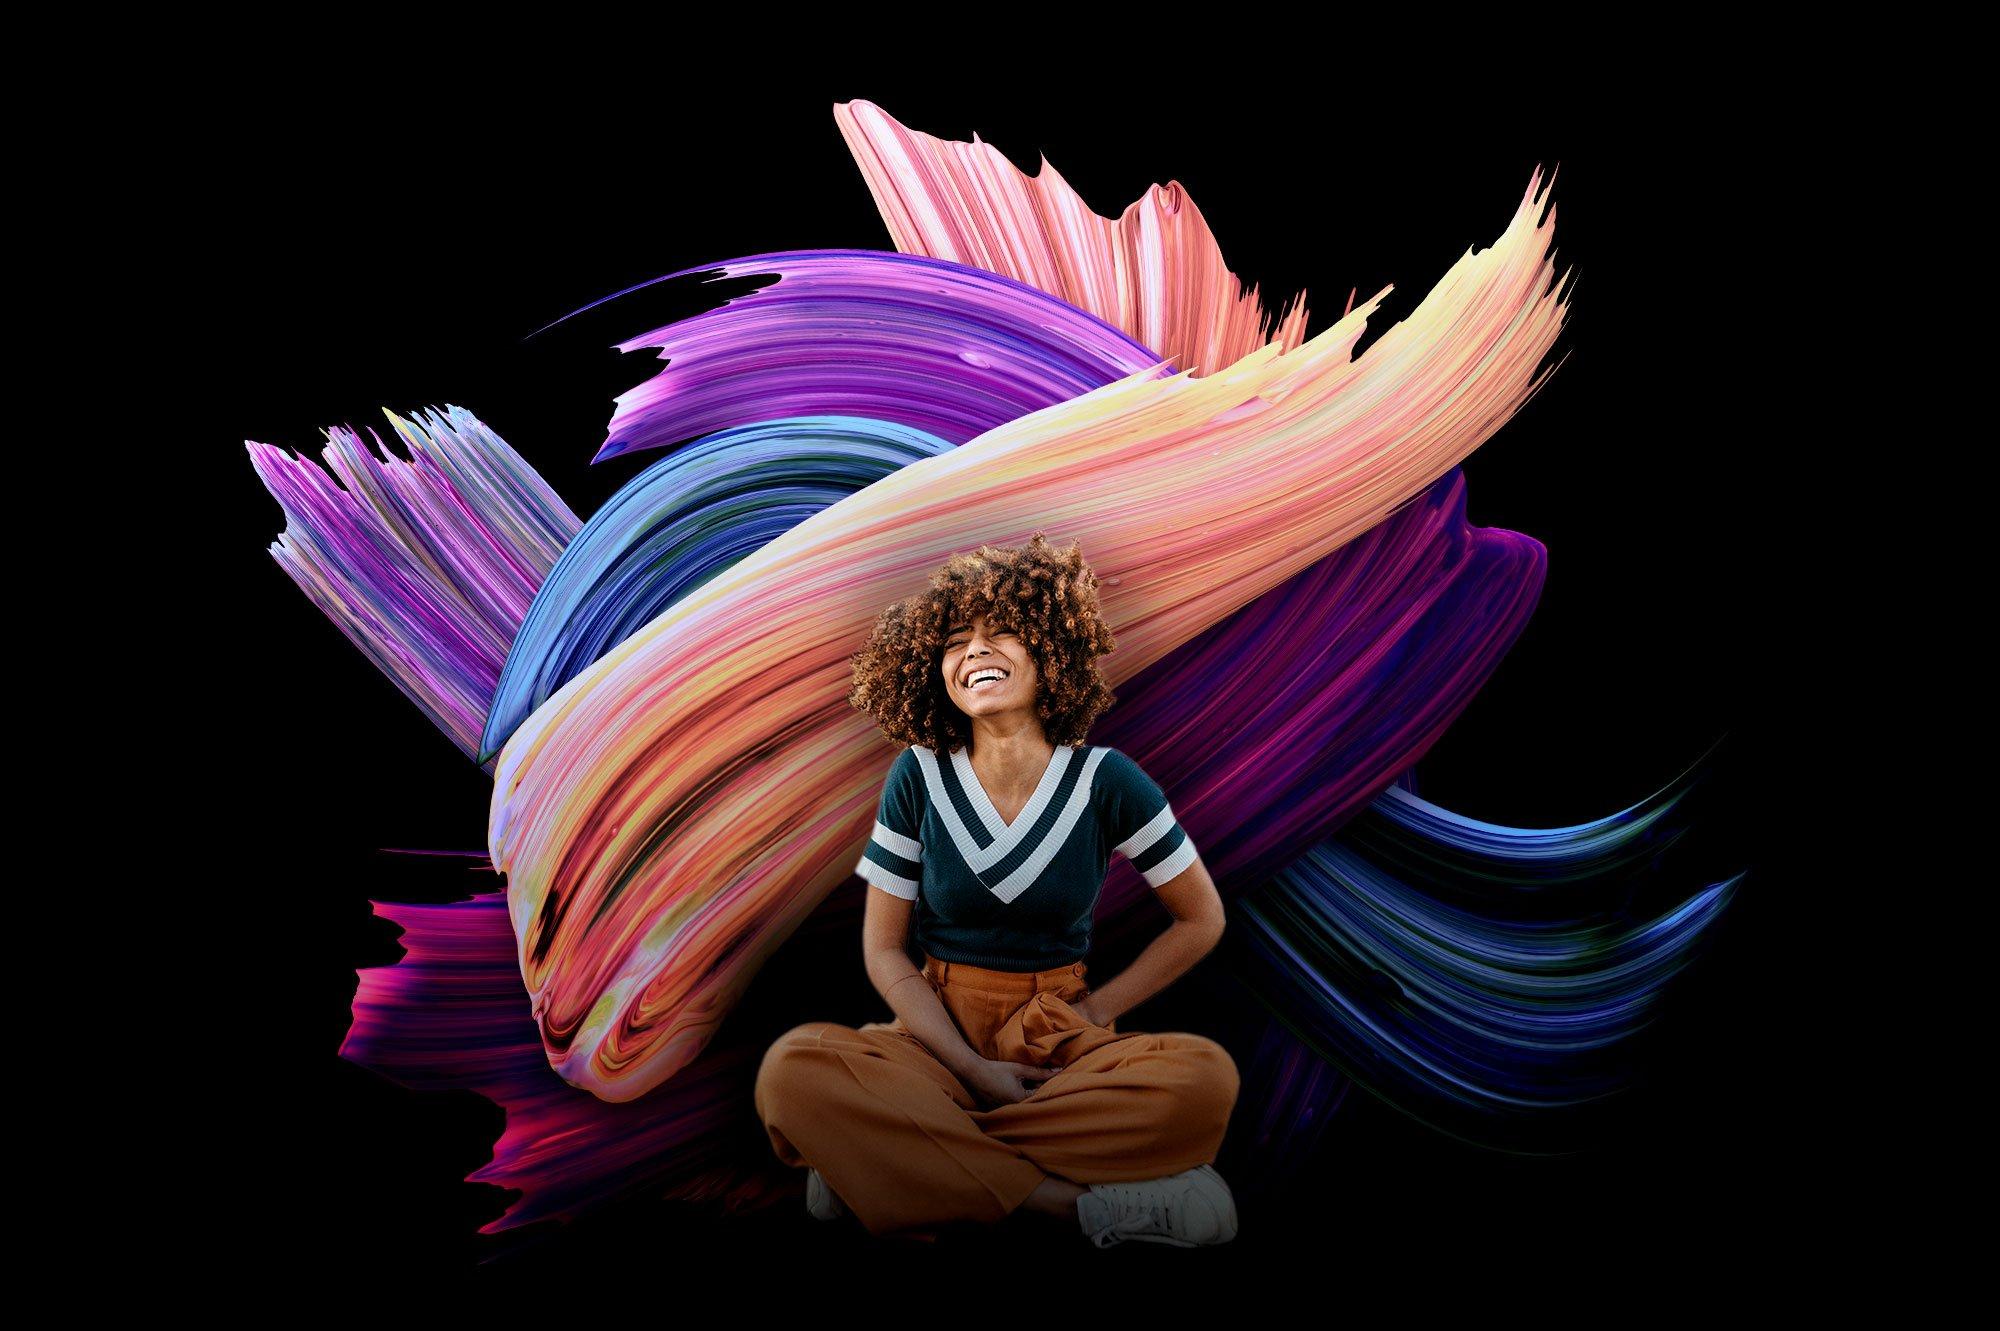 创意炫彩绘画颜料笔刷海报主视觉广告设计PS素材 Vibrant Paint Strokes插图(6)